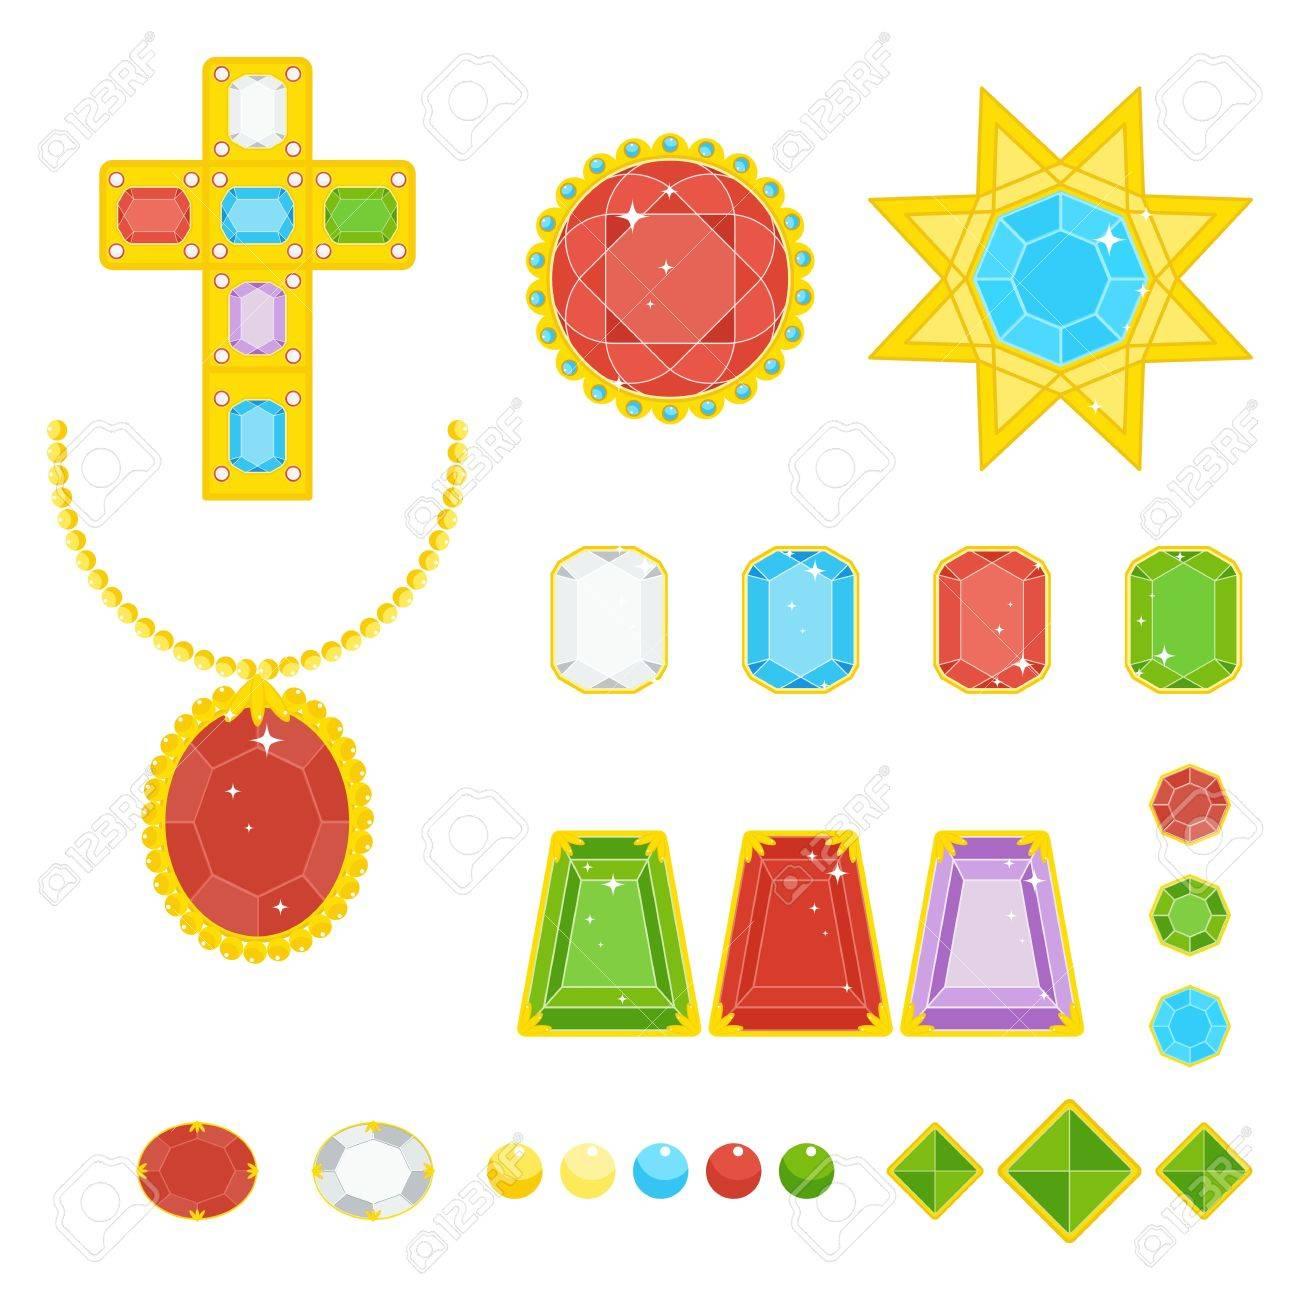 5a5a3561d3a8 Conjunto de joyas con piedras preciosas multicolores en marco de oro.  Ilustración de dibujos animados de vector plano. Objetos aislados en un  fondo ...